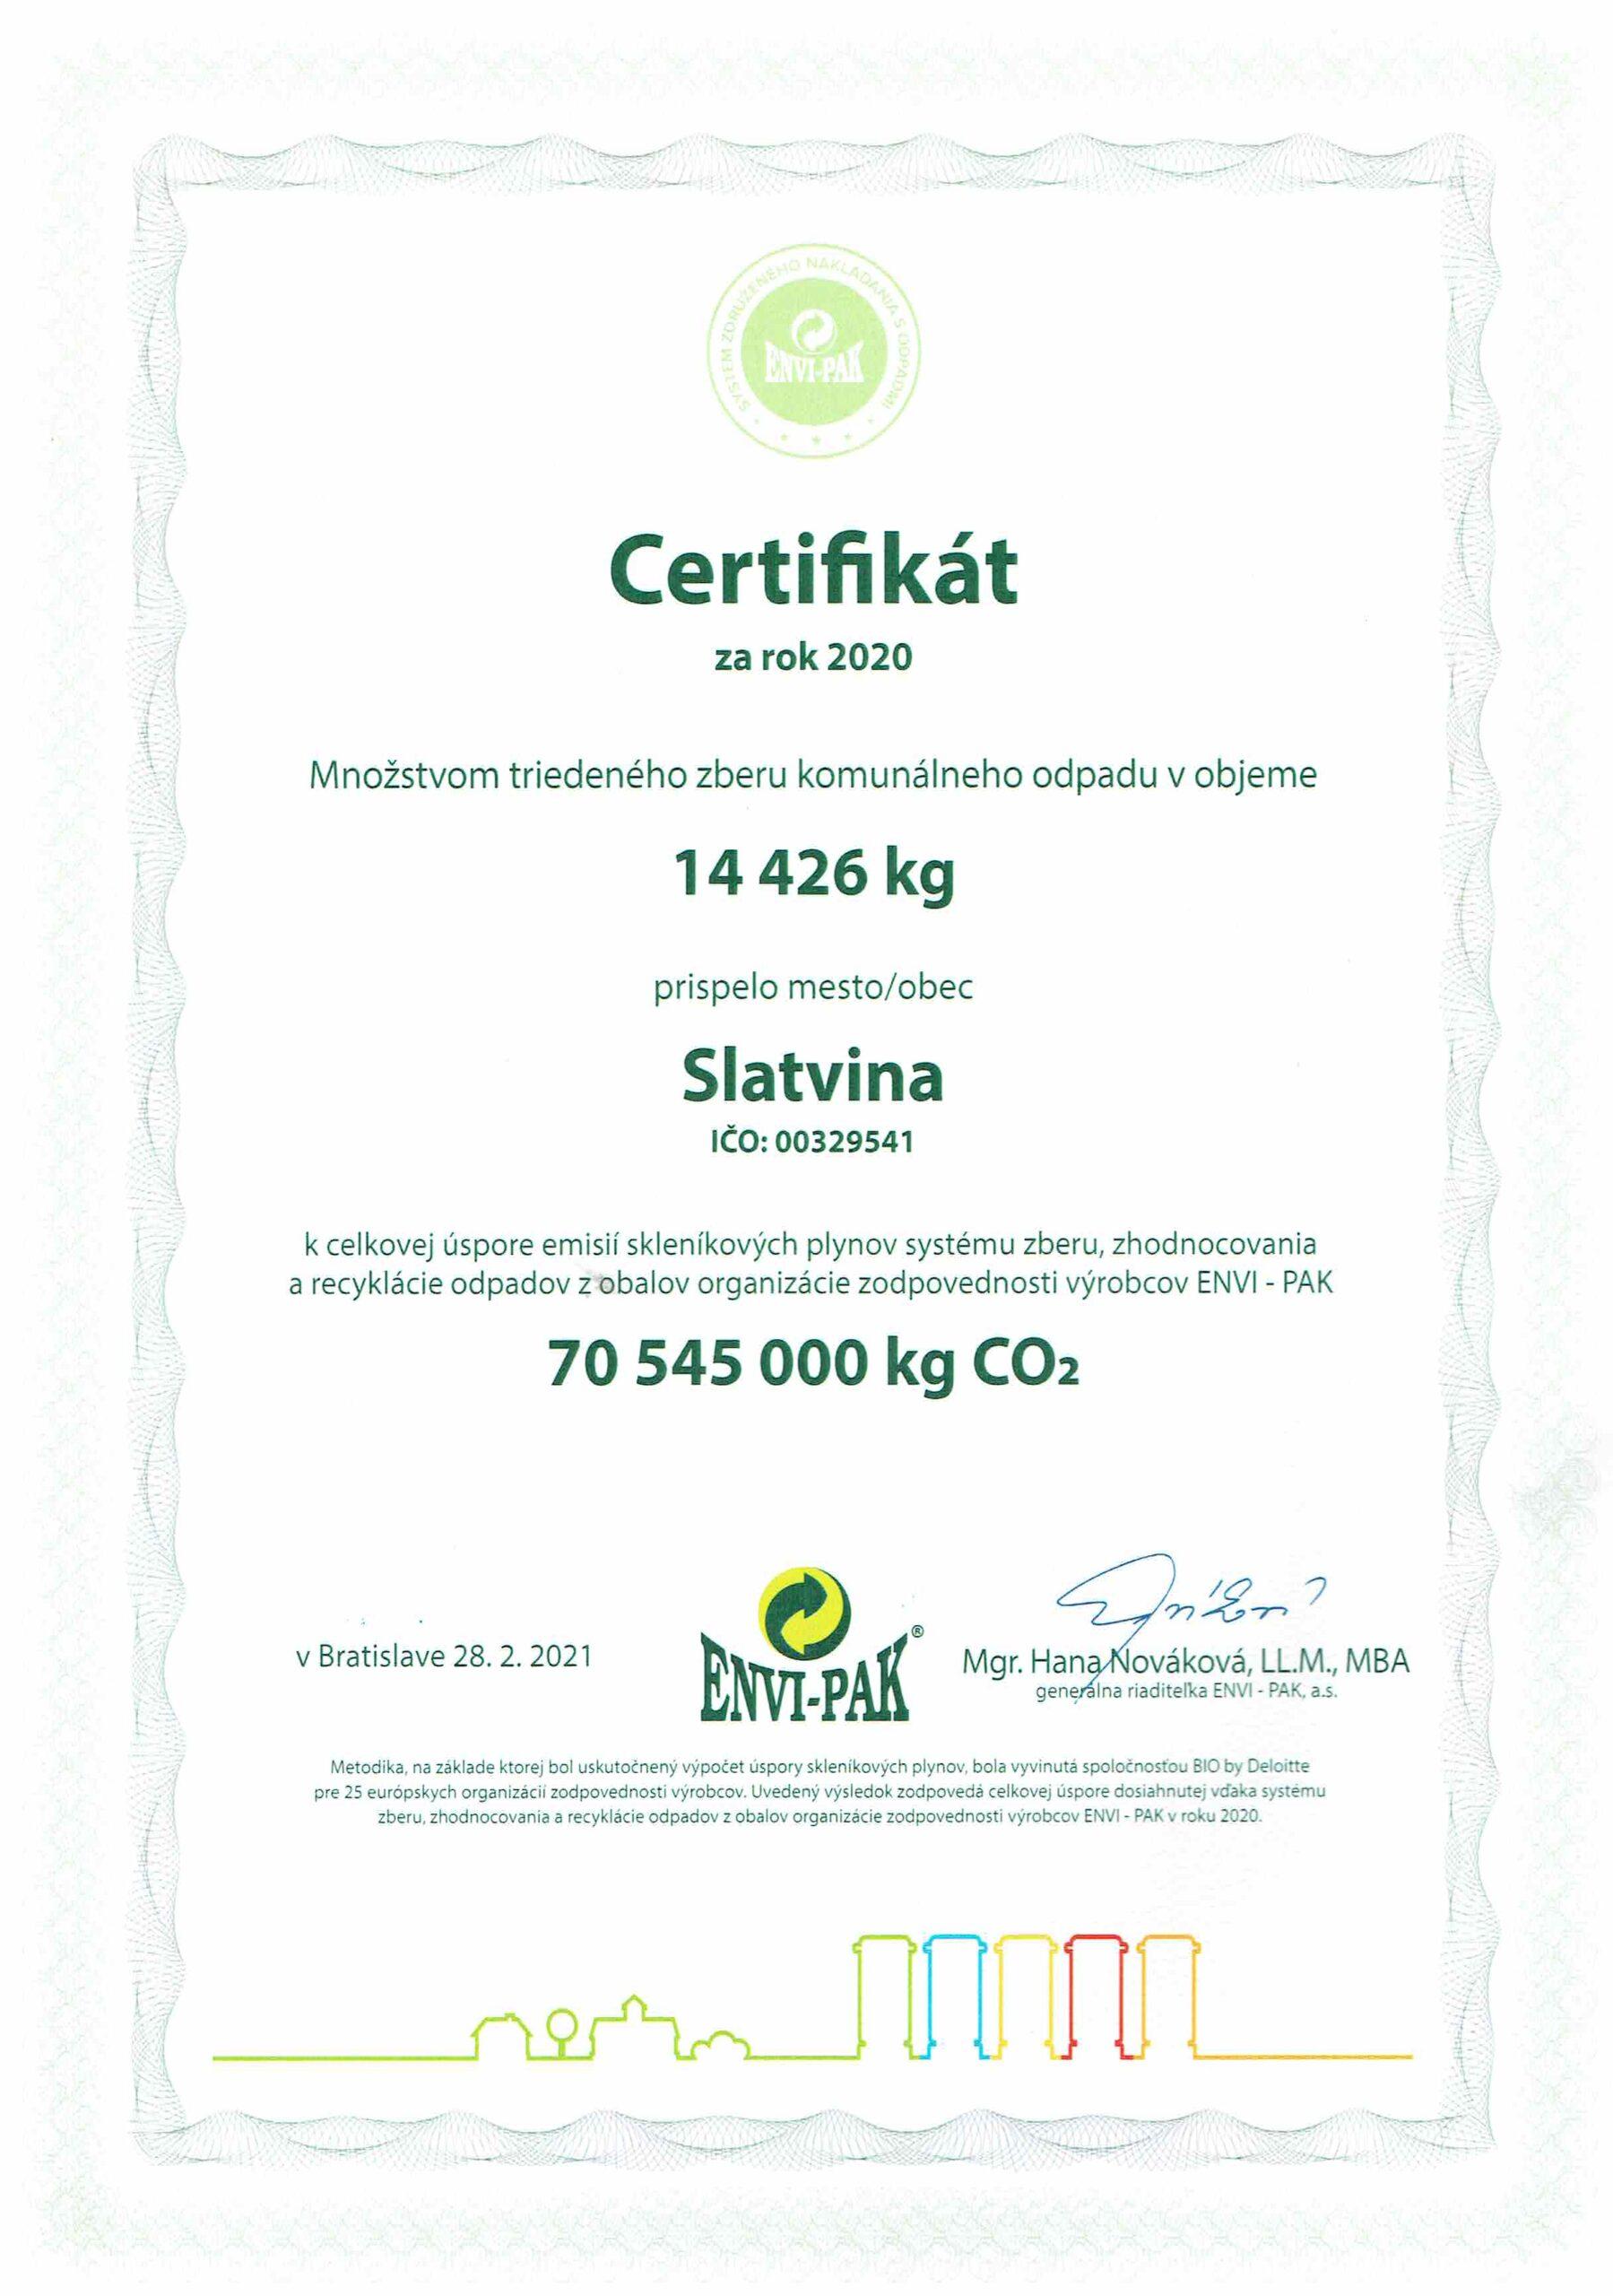 certifikát odpady